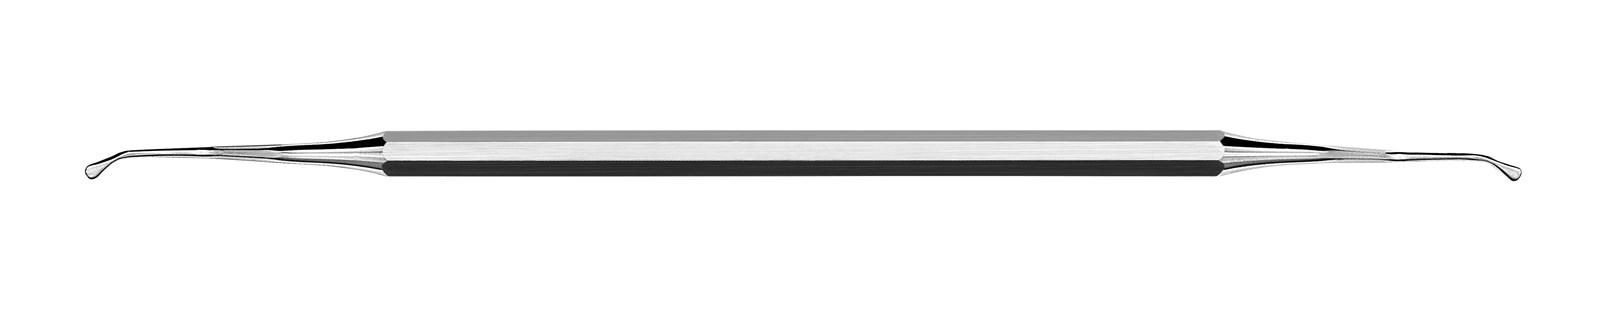 Nůž pro tunelovou techniku - TKP, ADEP červený